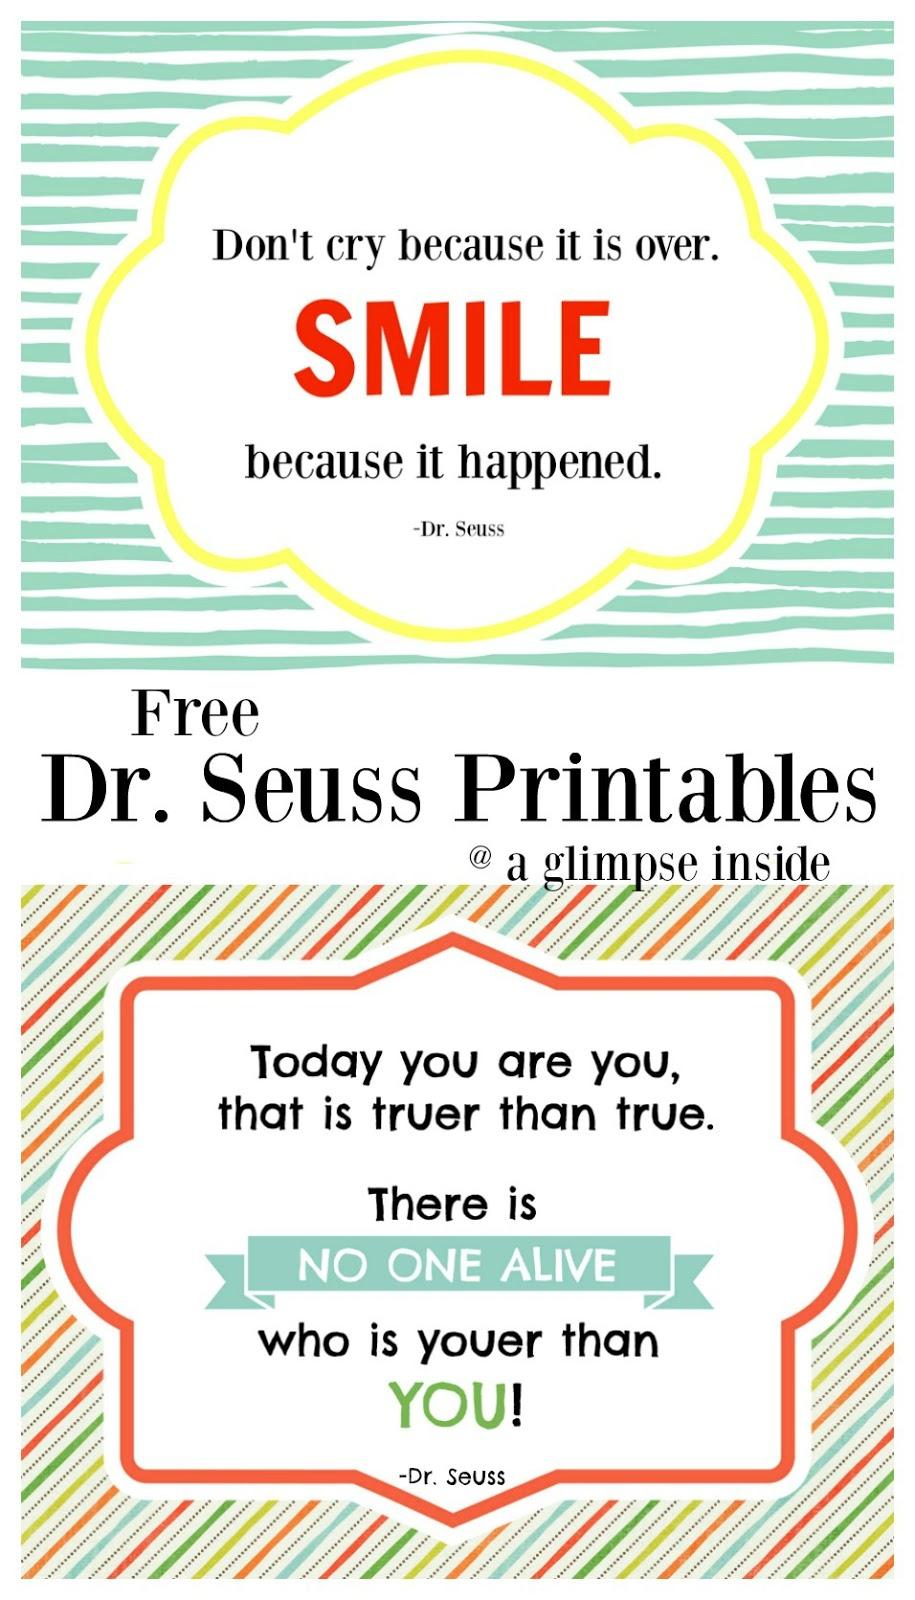 http://www.aglimpseinsideblog.com/2016/03/dr-seuss-printables.html